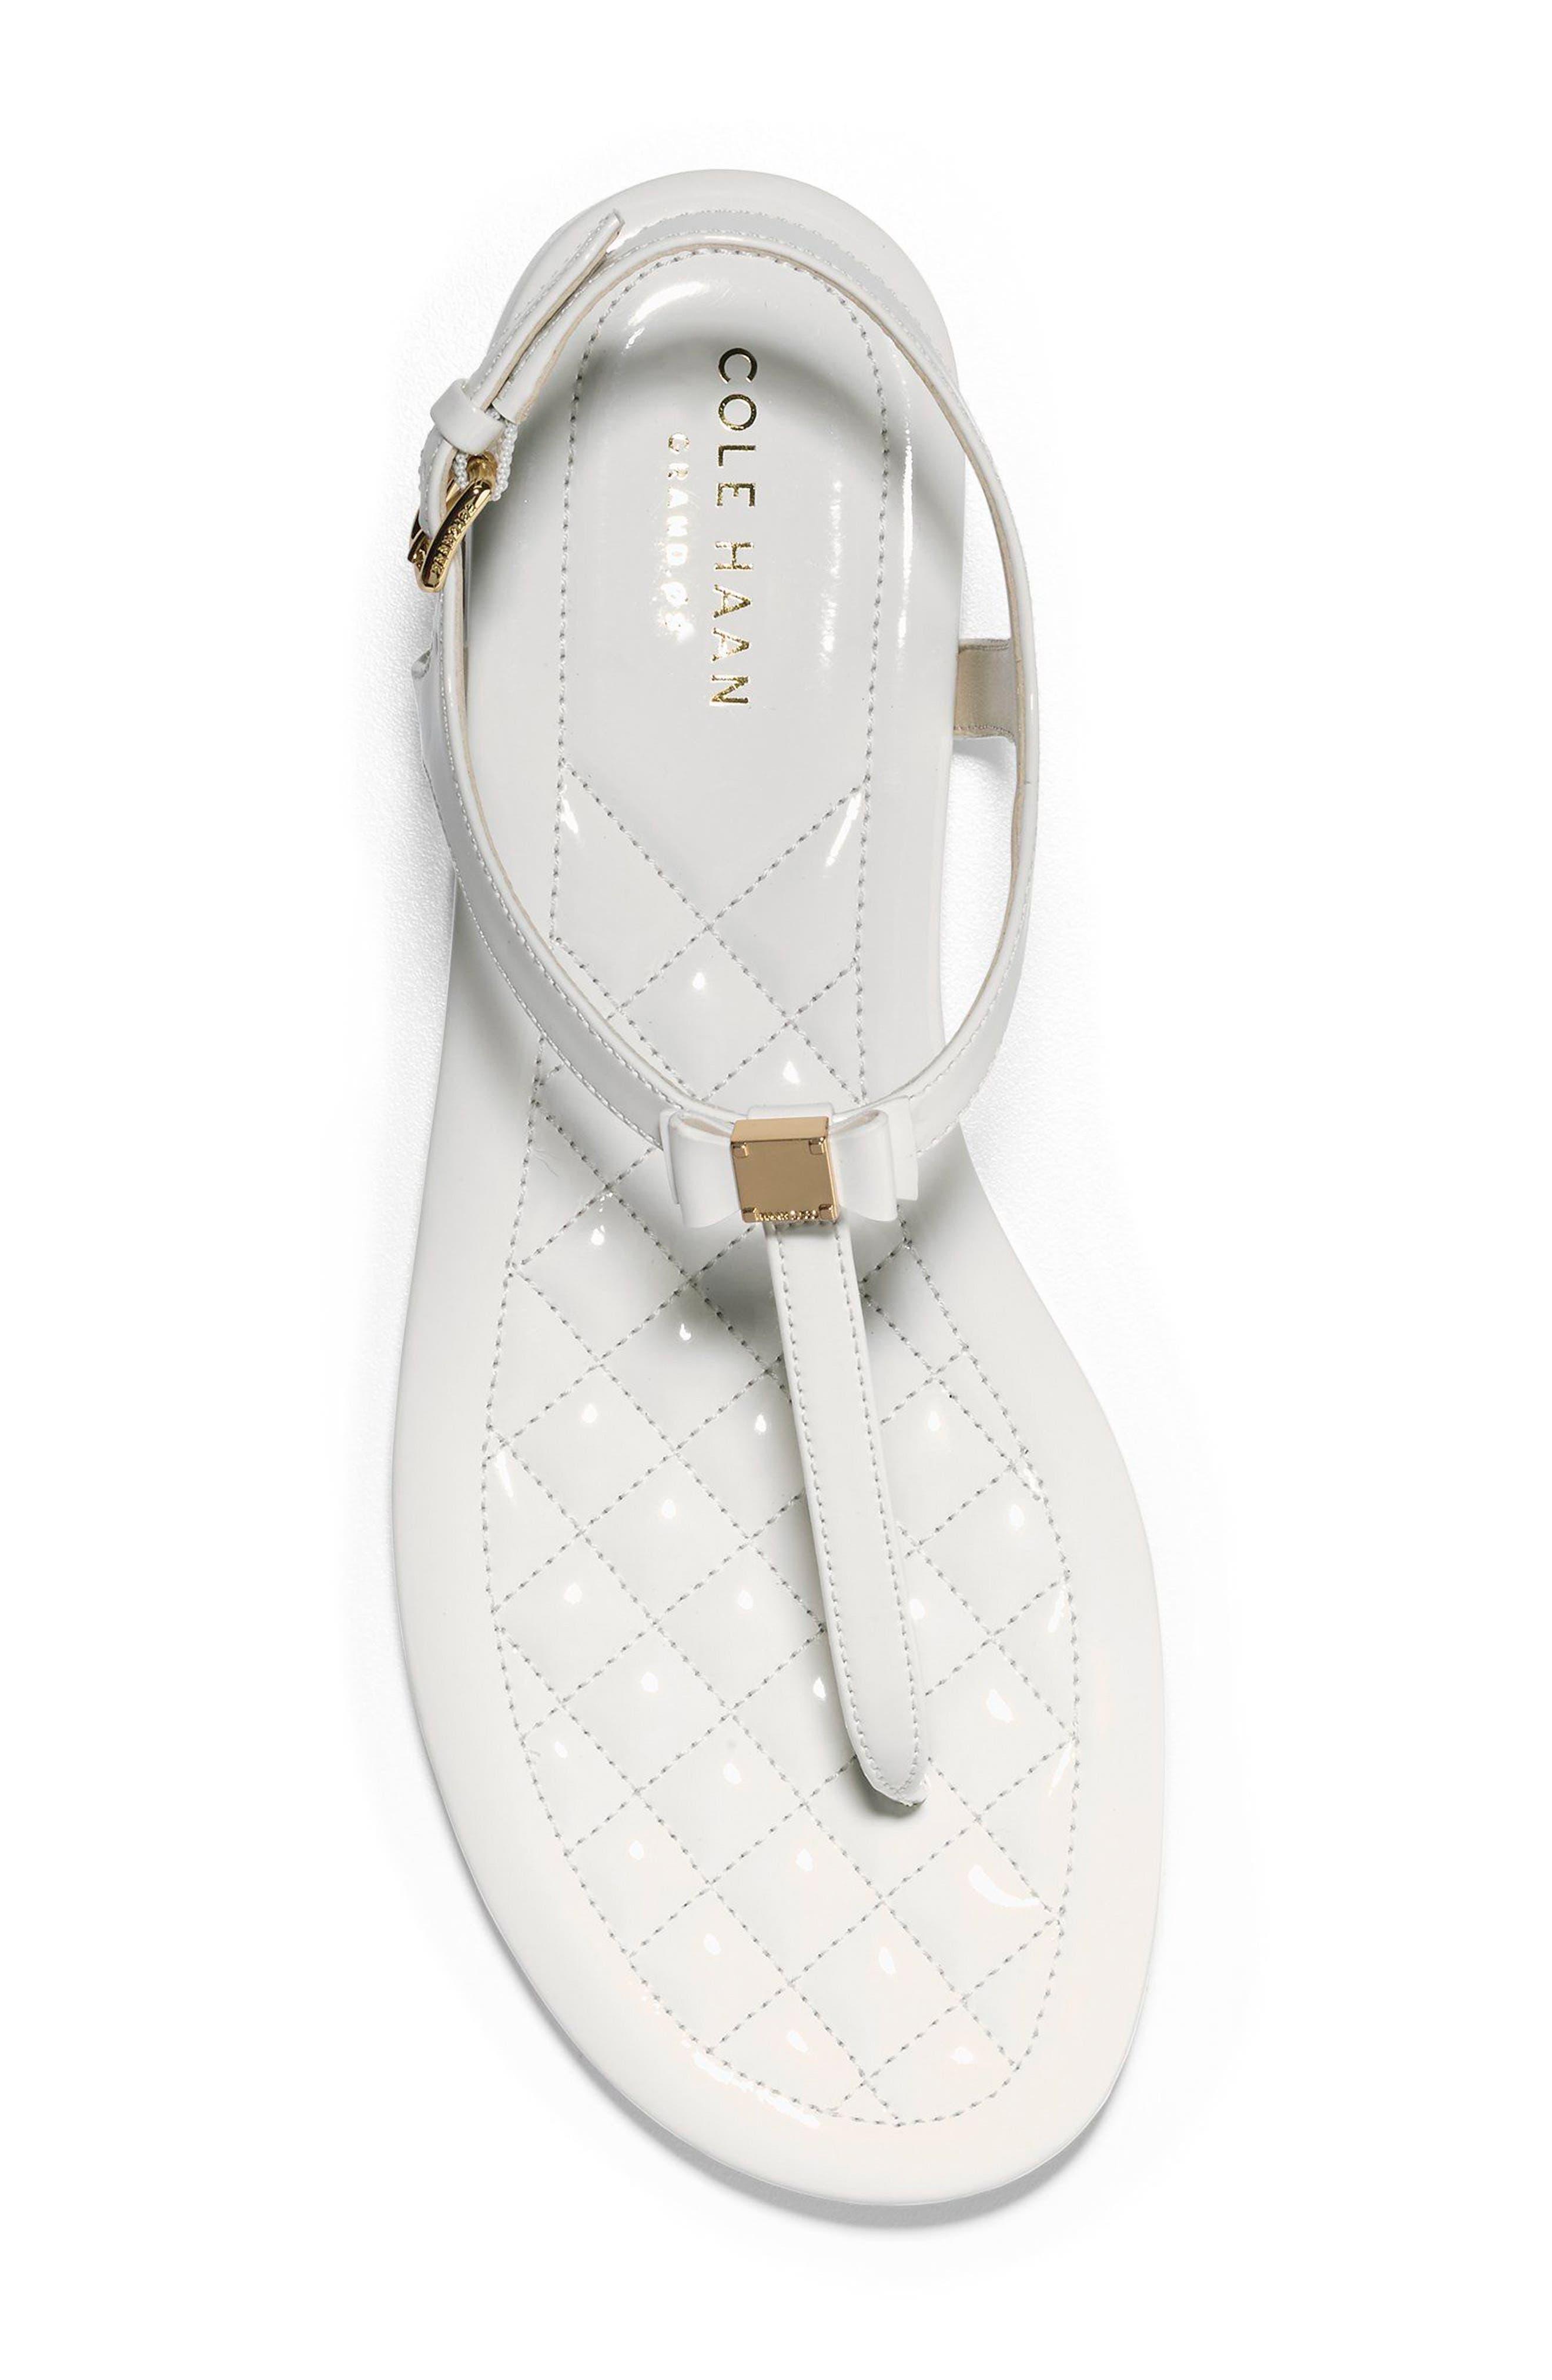 Tali Bow Sandal,                             Alternate thumbnail 5, color,                             Optic White Patent